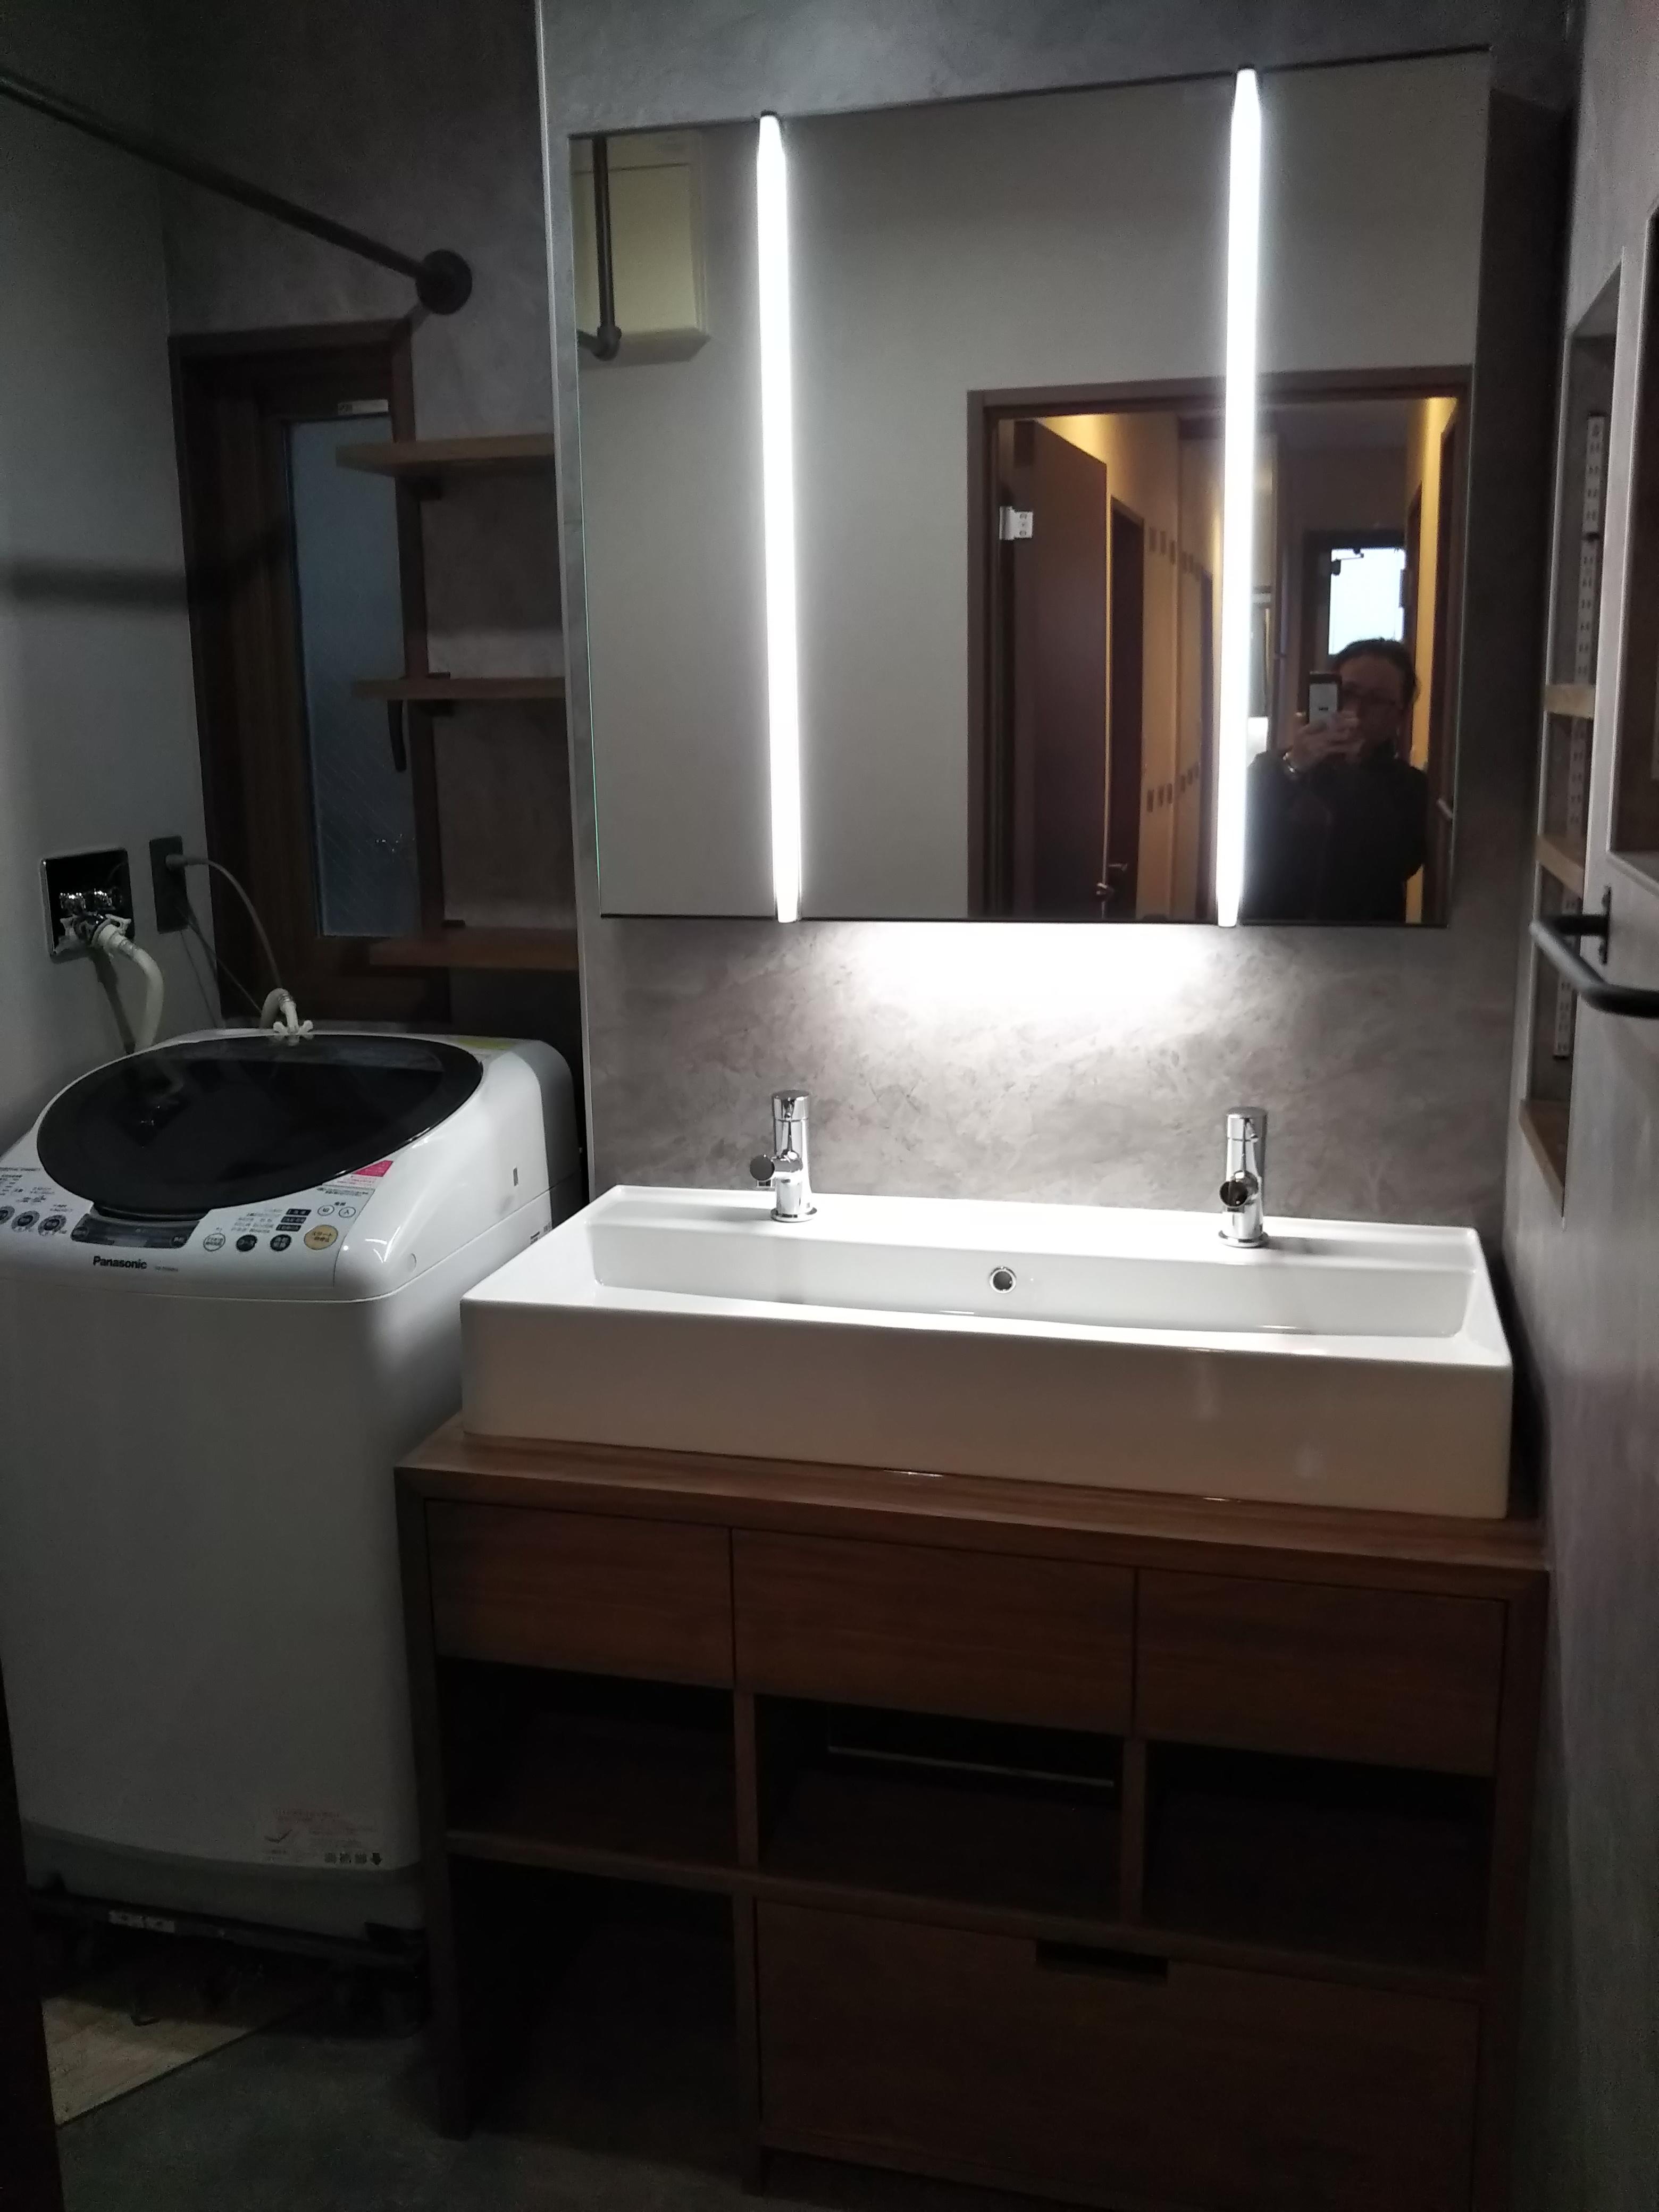 水回りのリフォームをお考えの方へ!洗面台の選び方をご紹介します!